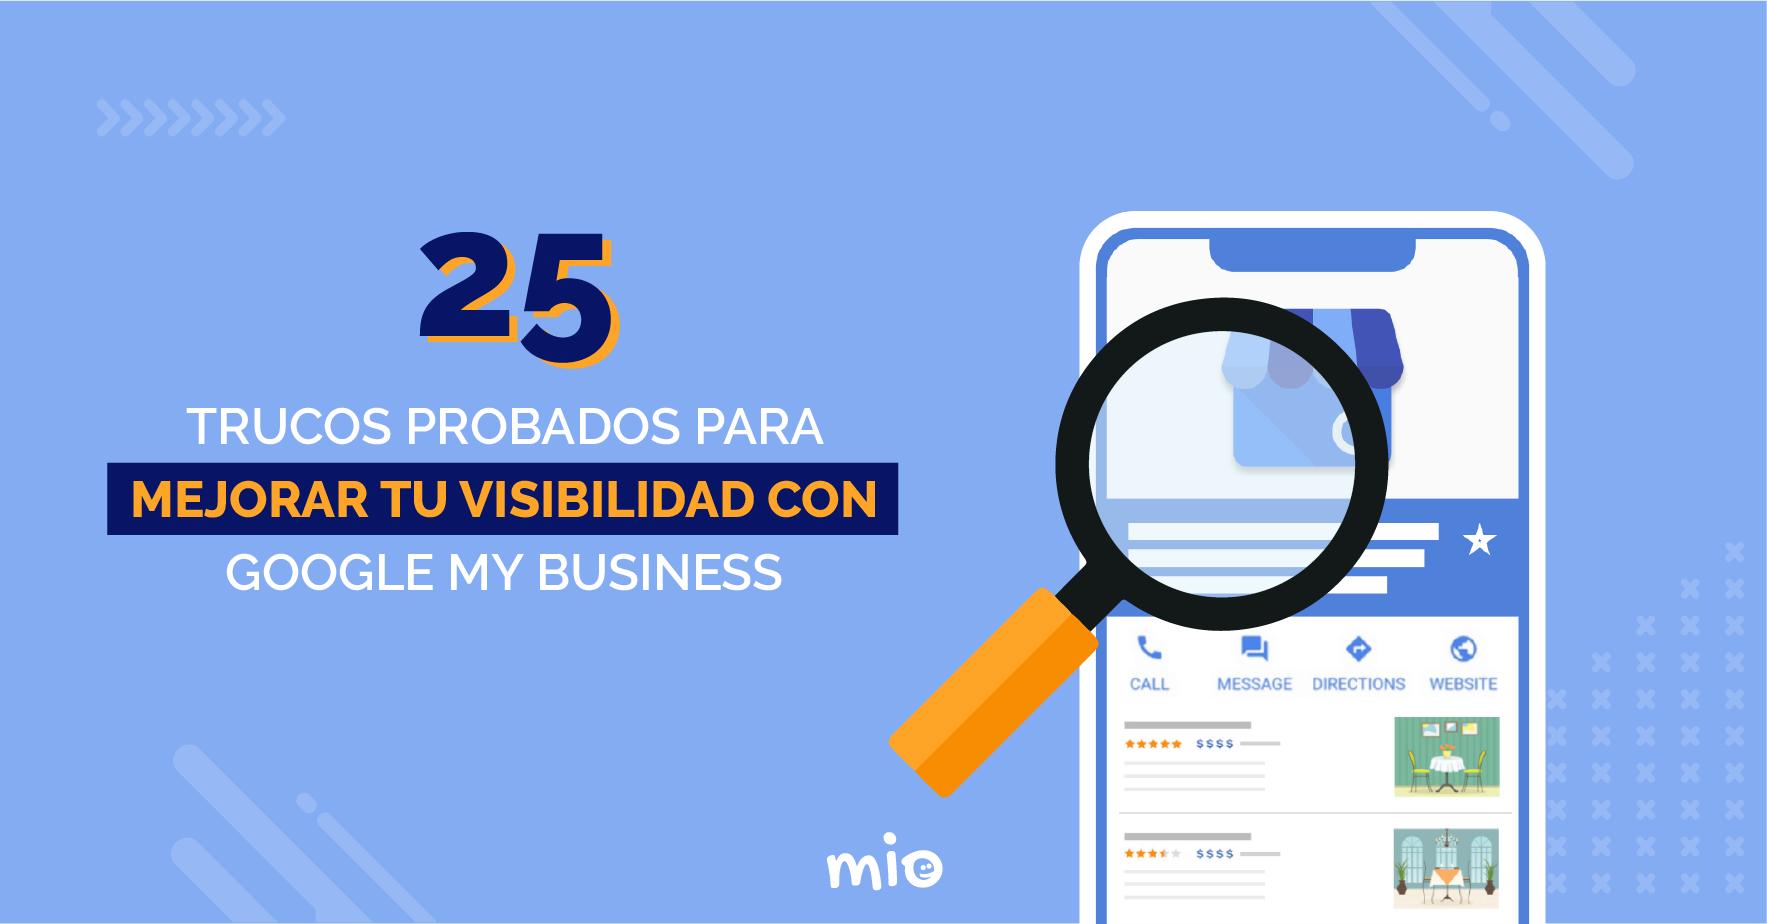 Trucos para mejorar tu visibilidad con Google my business